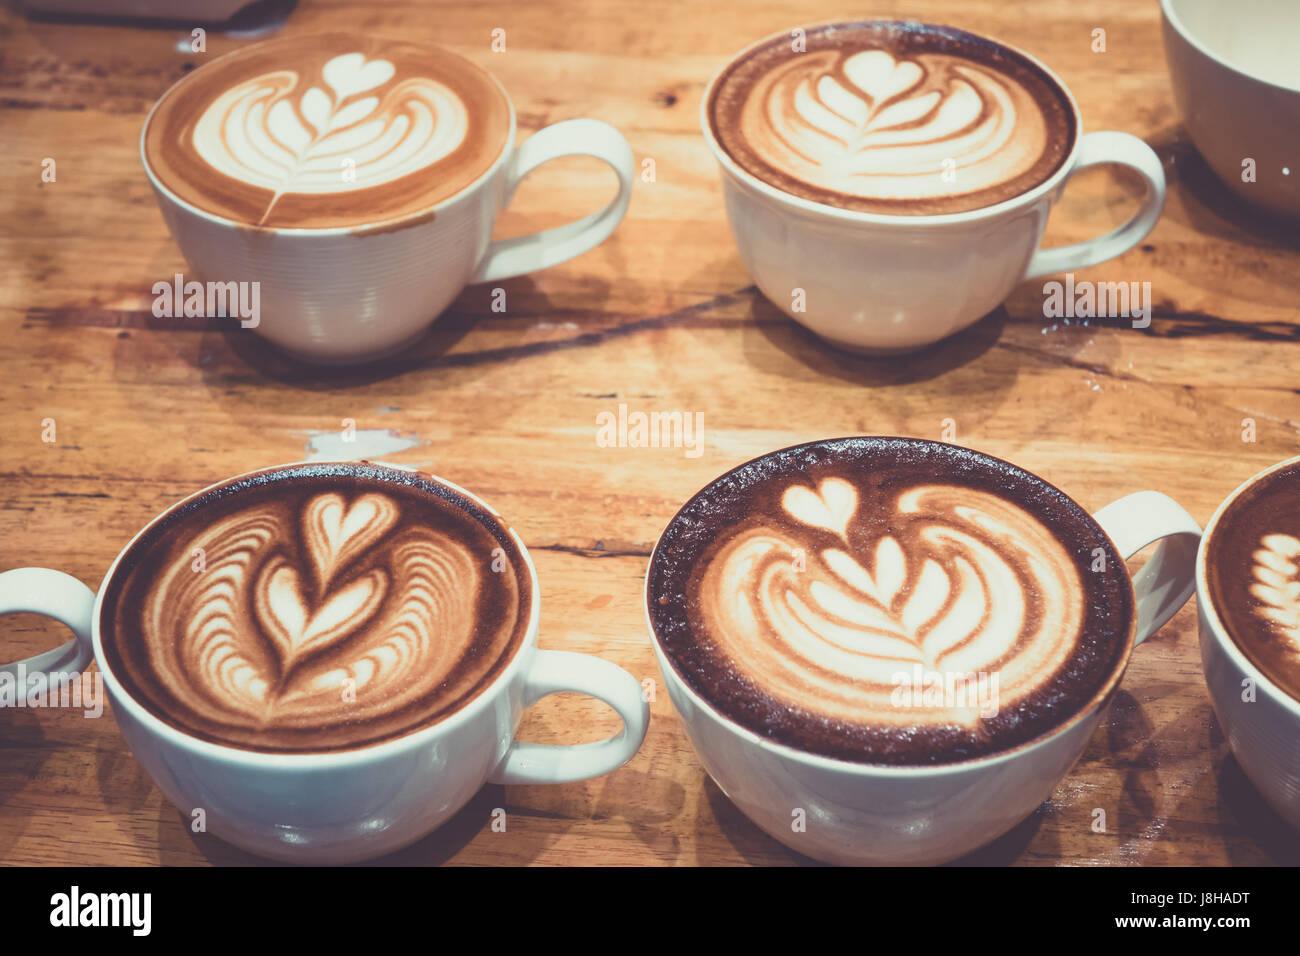 Tazza di caffè con latte belle forme d'arte. Immagini Stock